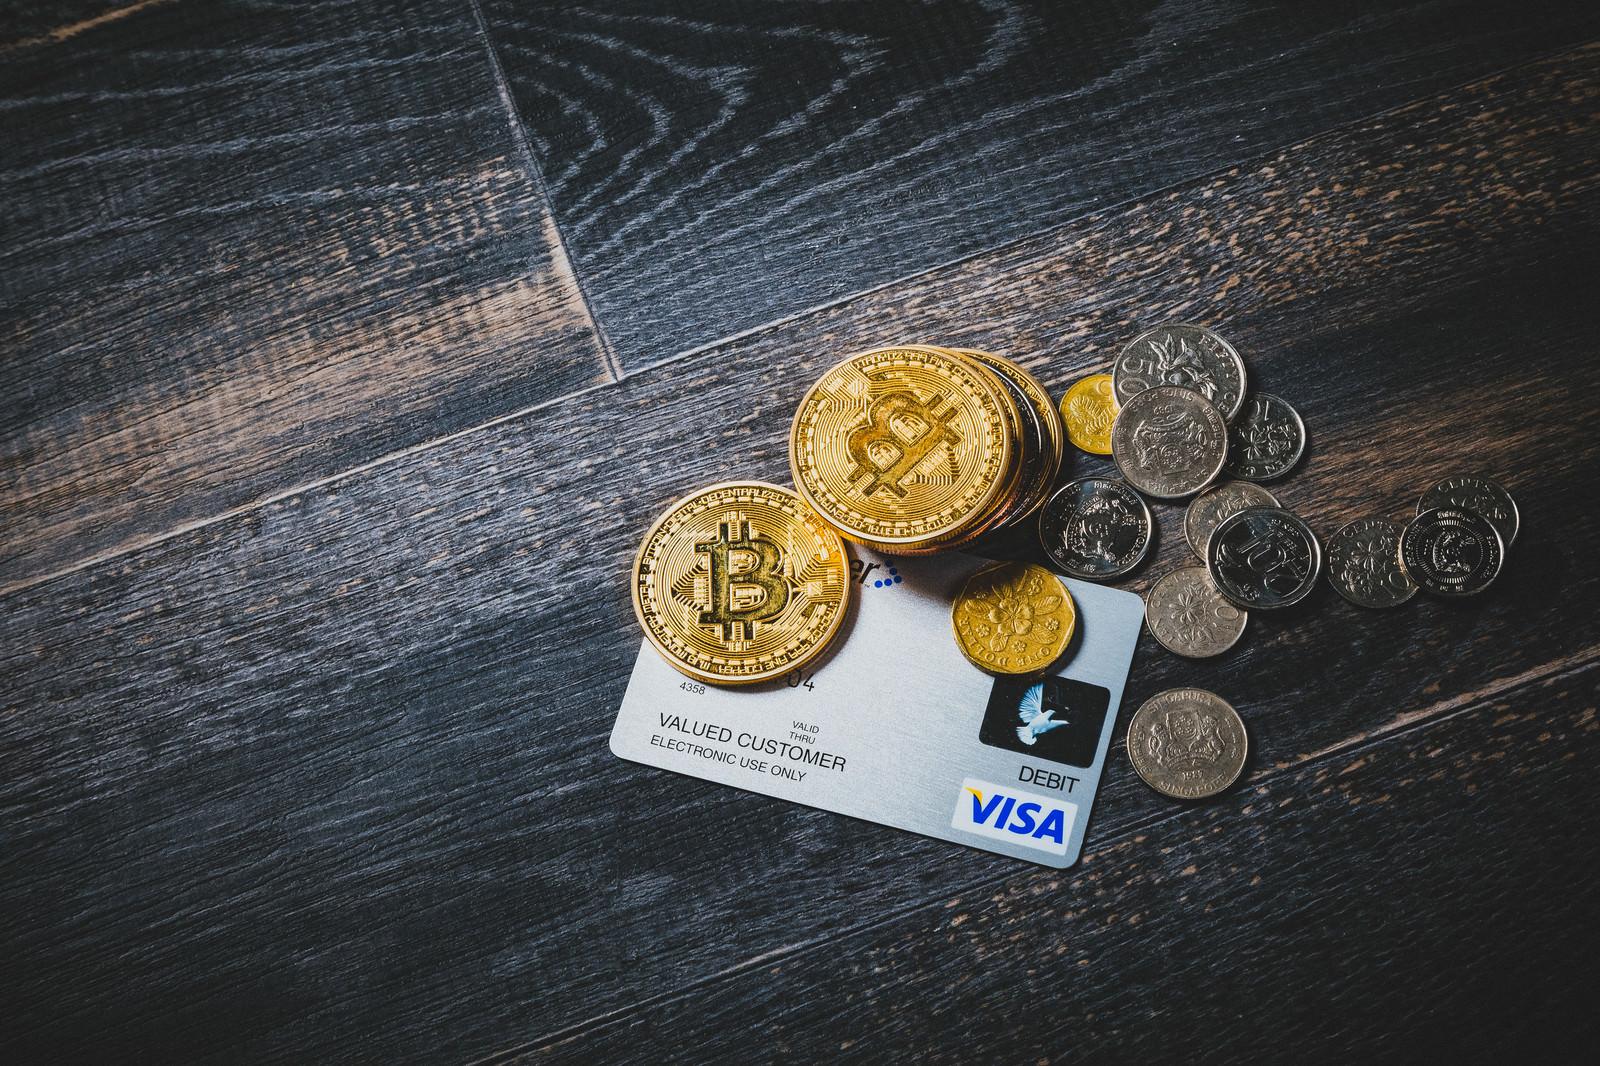 「クレジットカードとビットコインや通貨」の写真